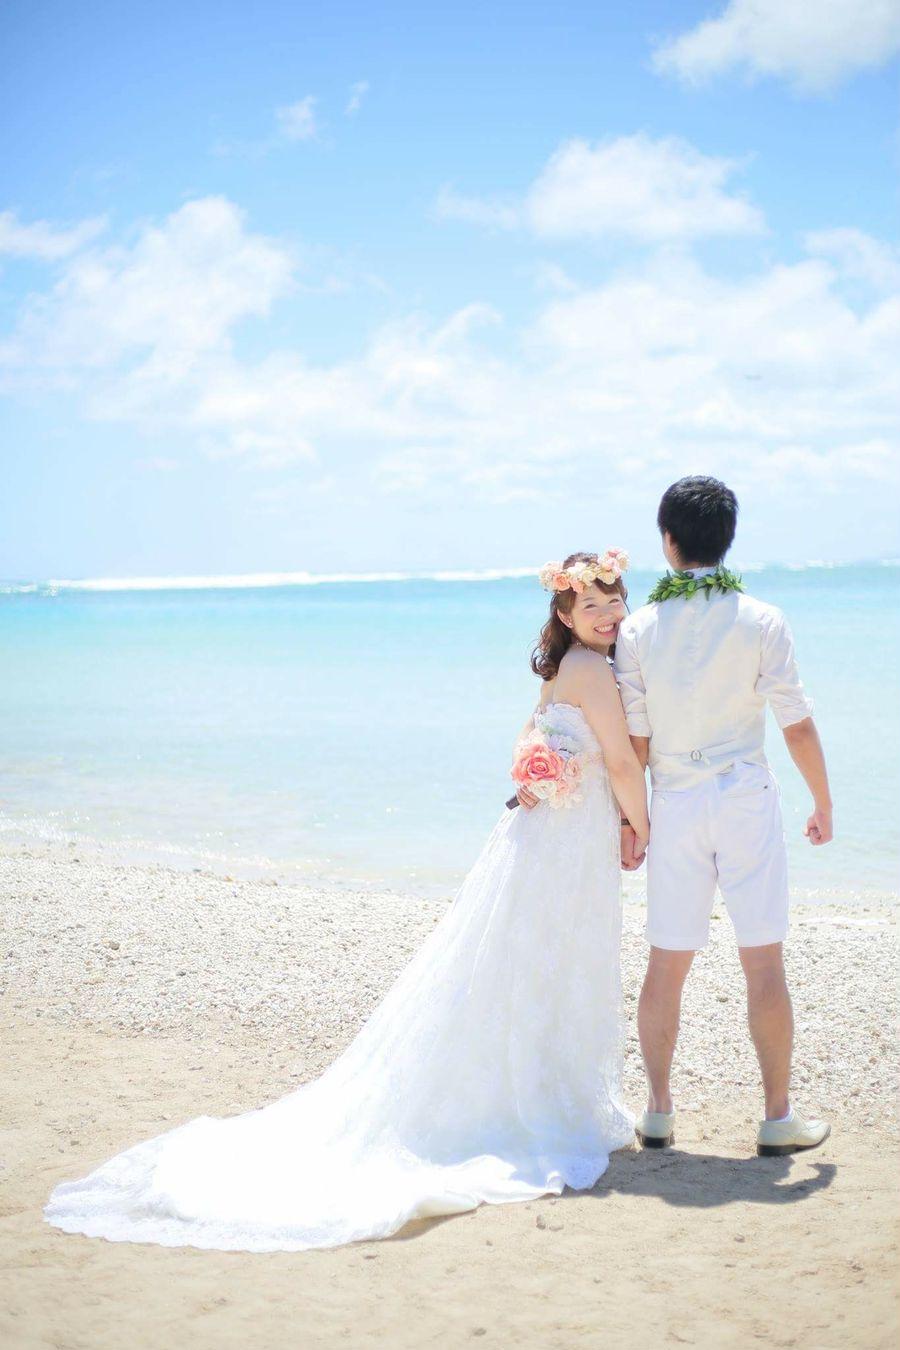 ハワイ ビーチ 海 空 ドレス ウェディングドレス お先ですポーズ 花かんむり